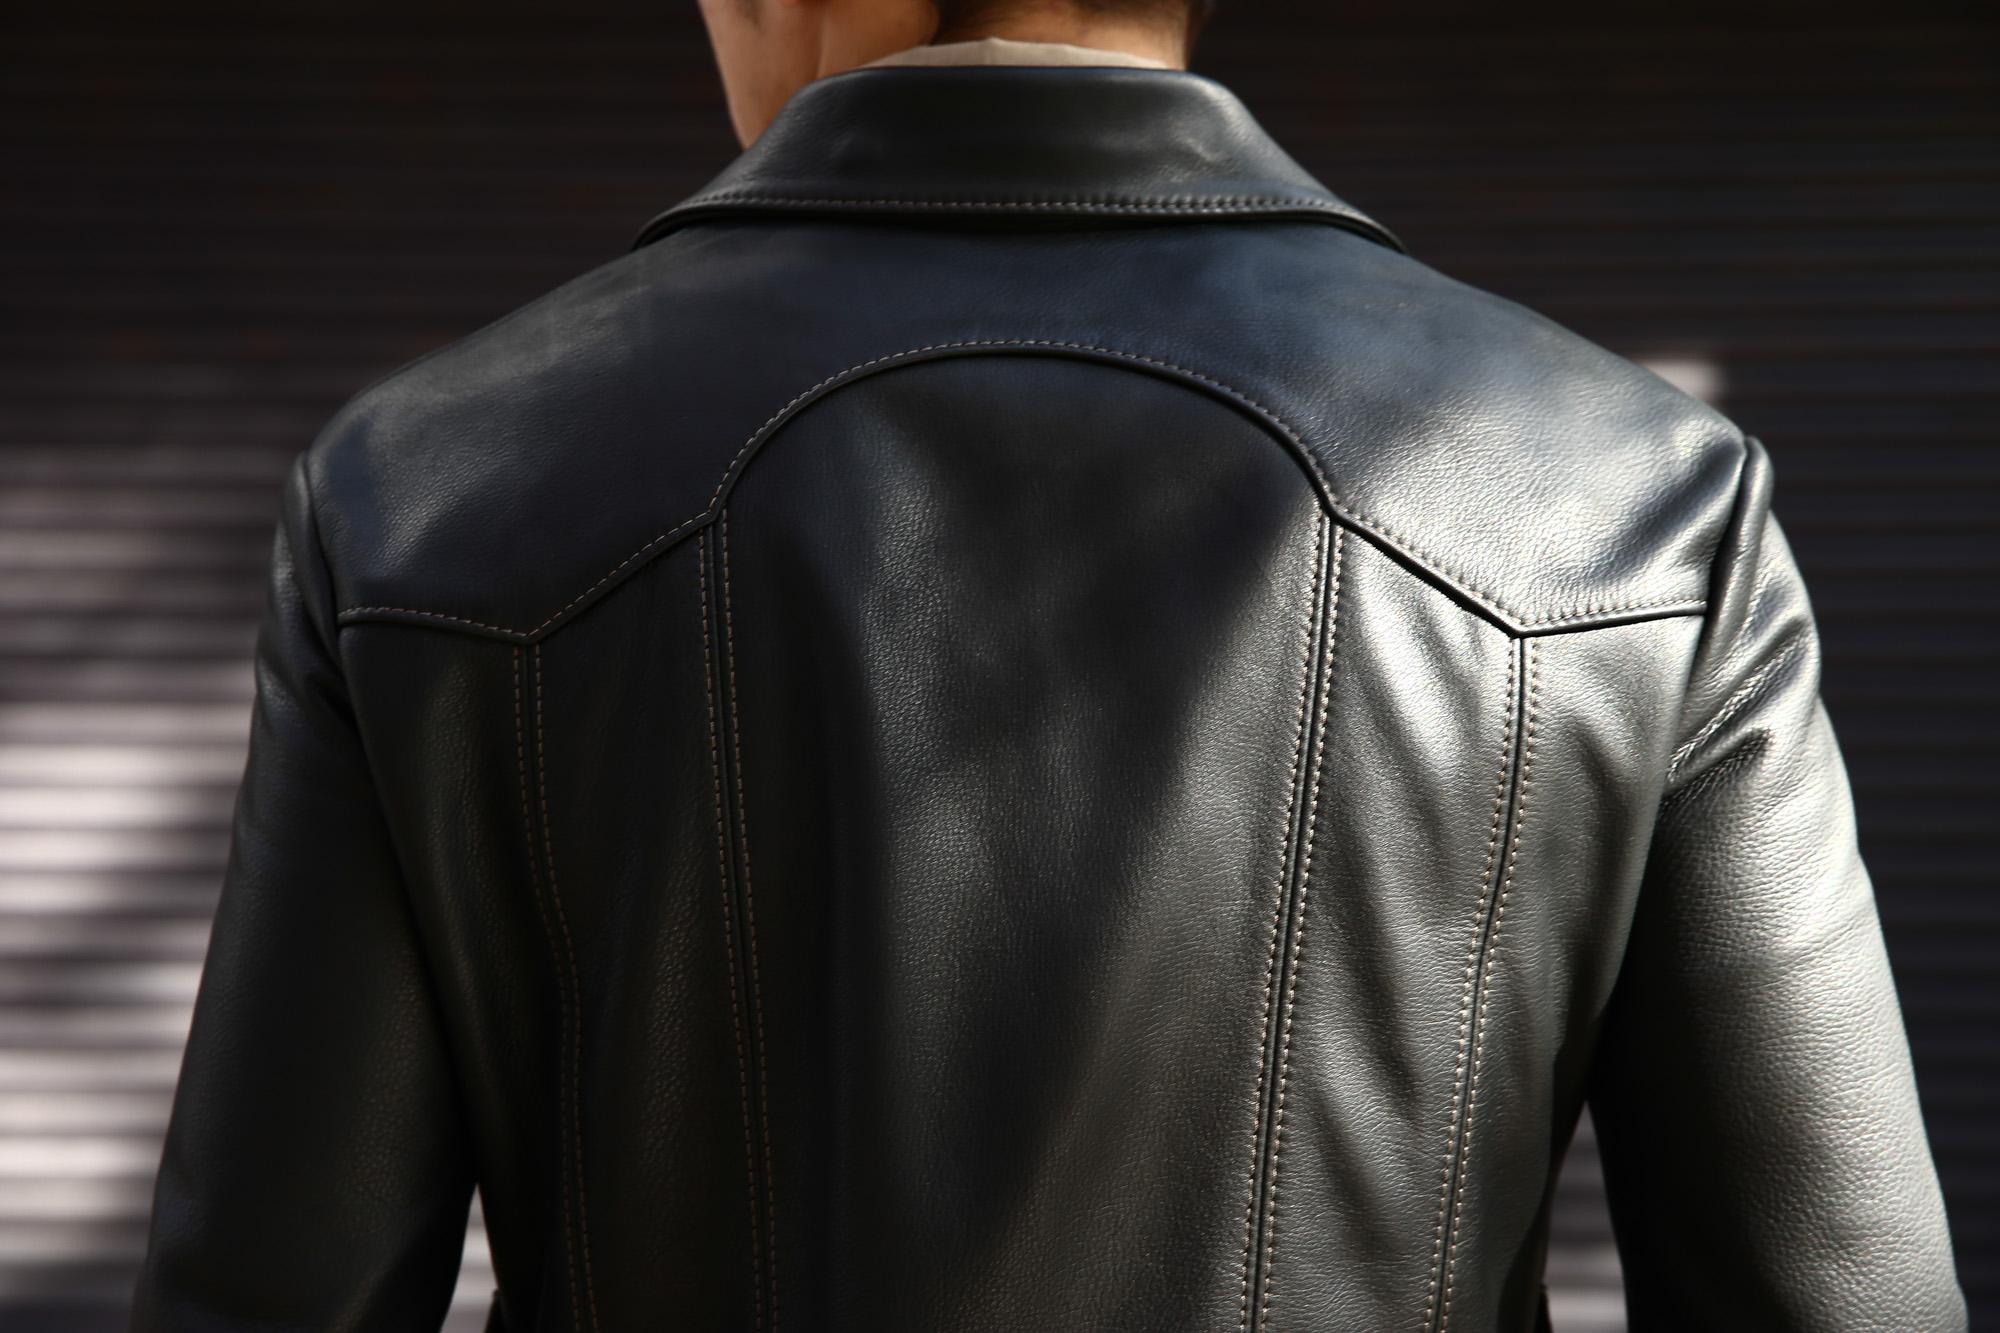 South Paradiso Leather (サウスパラディソレザー) East West イーストウエスト ADLER アードラー Cow Hide Leather レザージャケット BLACK (ブラック) MADE IN USA (アメリカ製) のコーディネート画像。愛知 名古屋 ZOIDAC ゾディアック アドラー サウスパラディソ パラディソ レザー ヴィンテージ ビンテージ